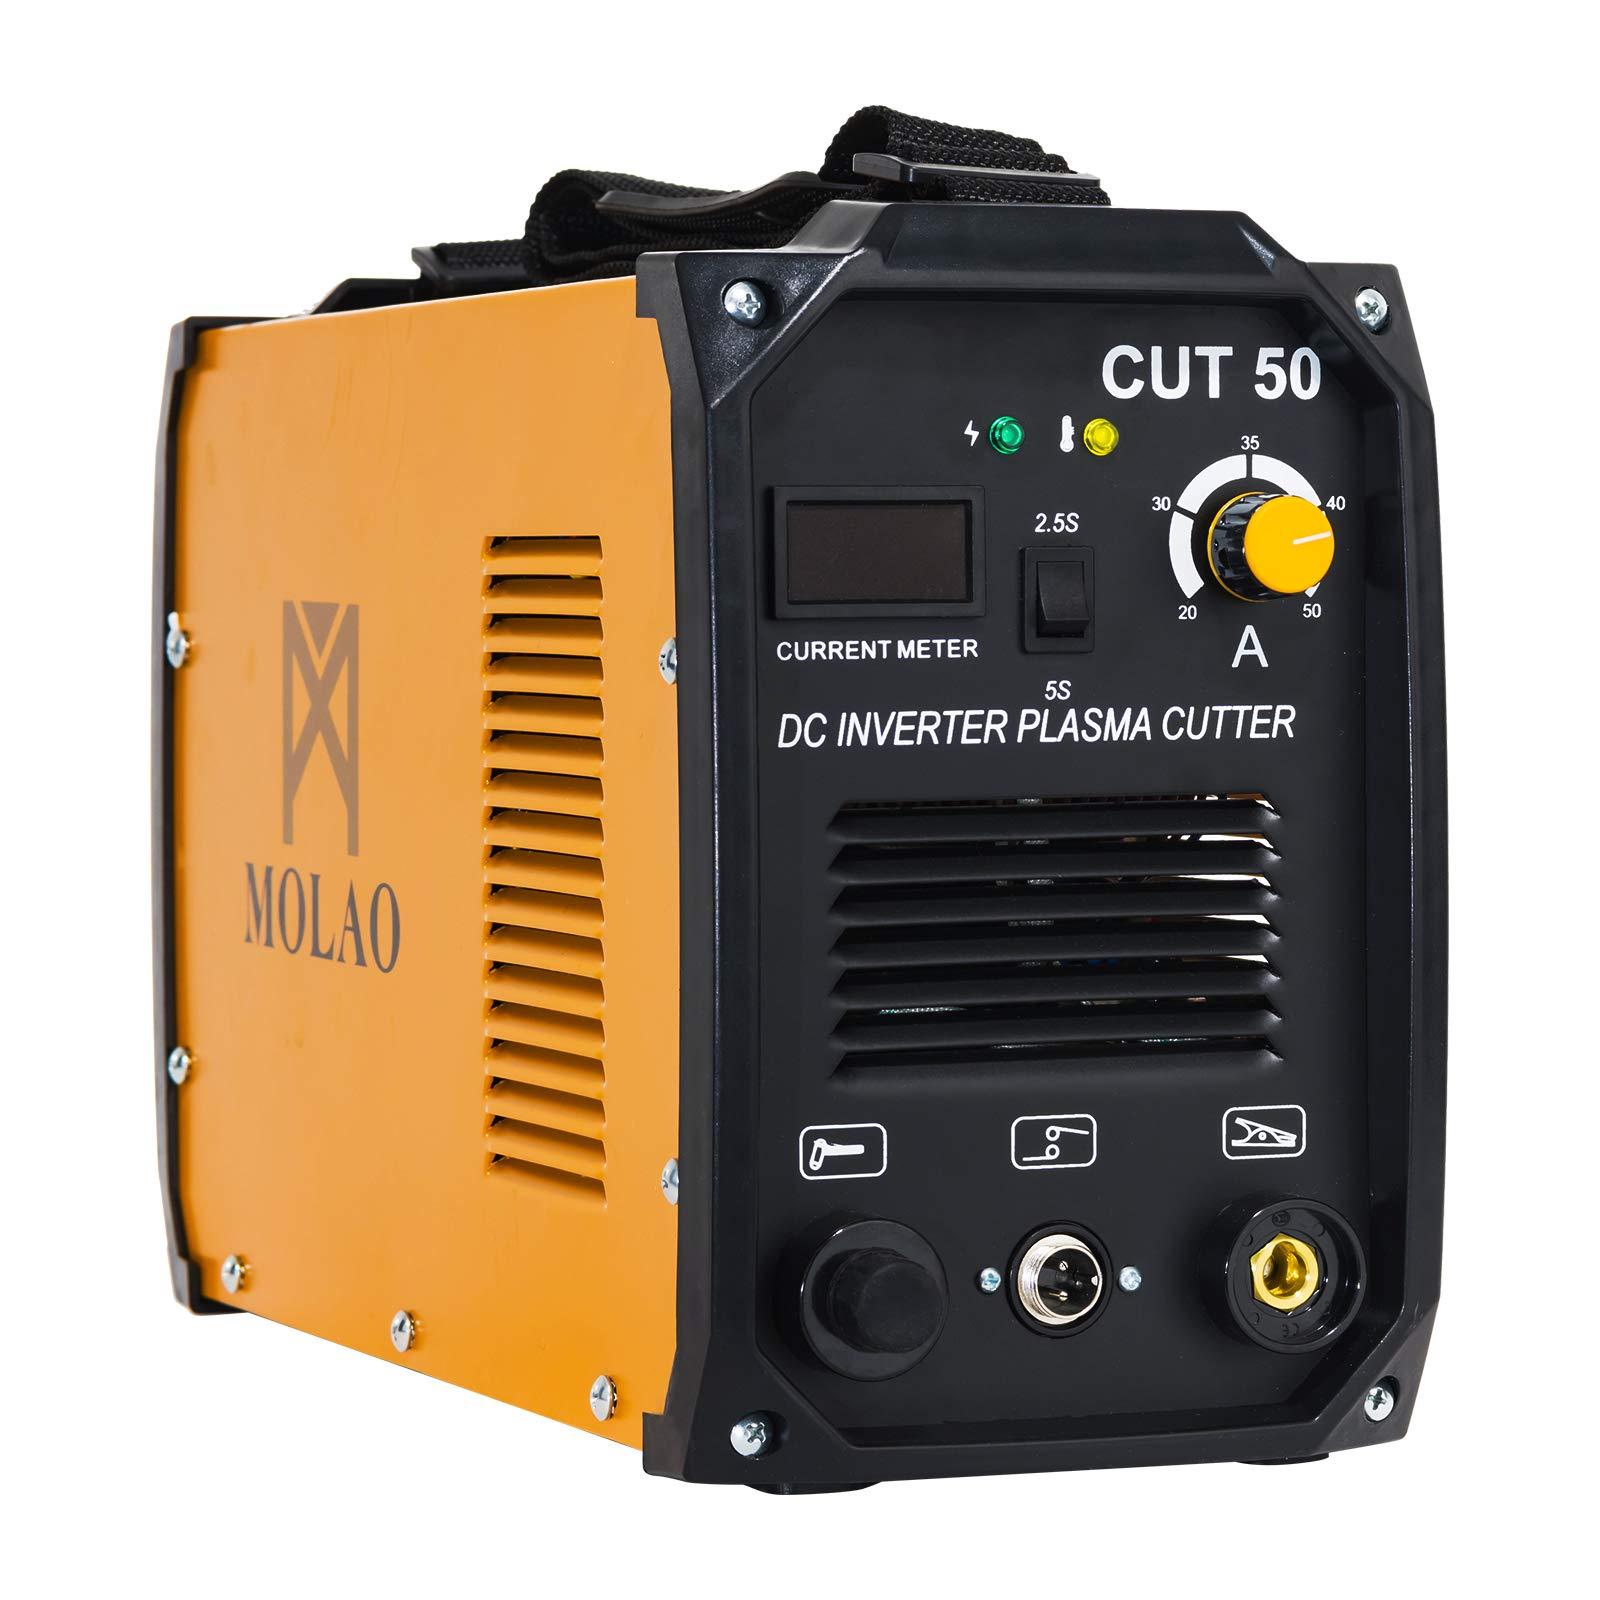 SUNCOO Cut-50 Plasma Cutter Electric DC Inverter Cutting Machine with Digital Display Dual Voltage 110/220V, 1/2'' Clean Cut